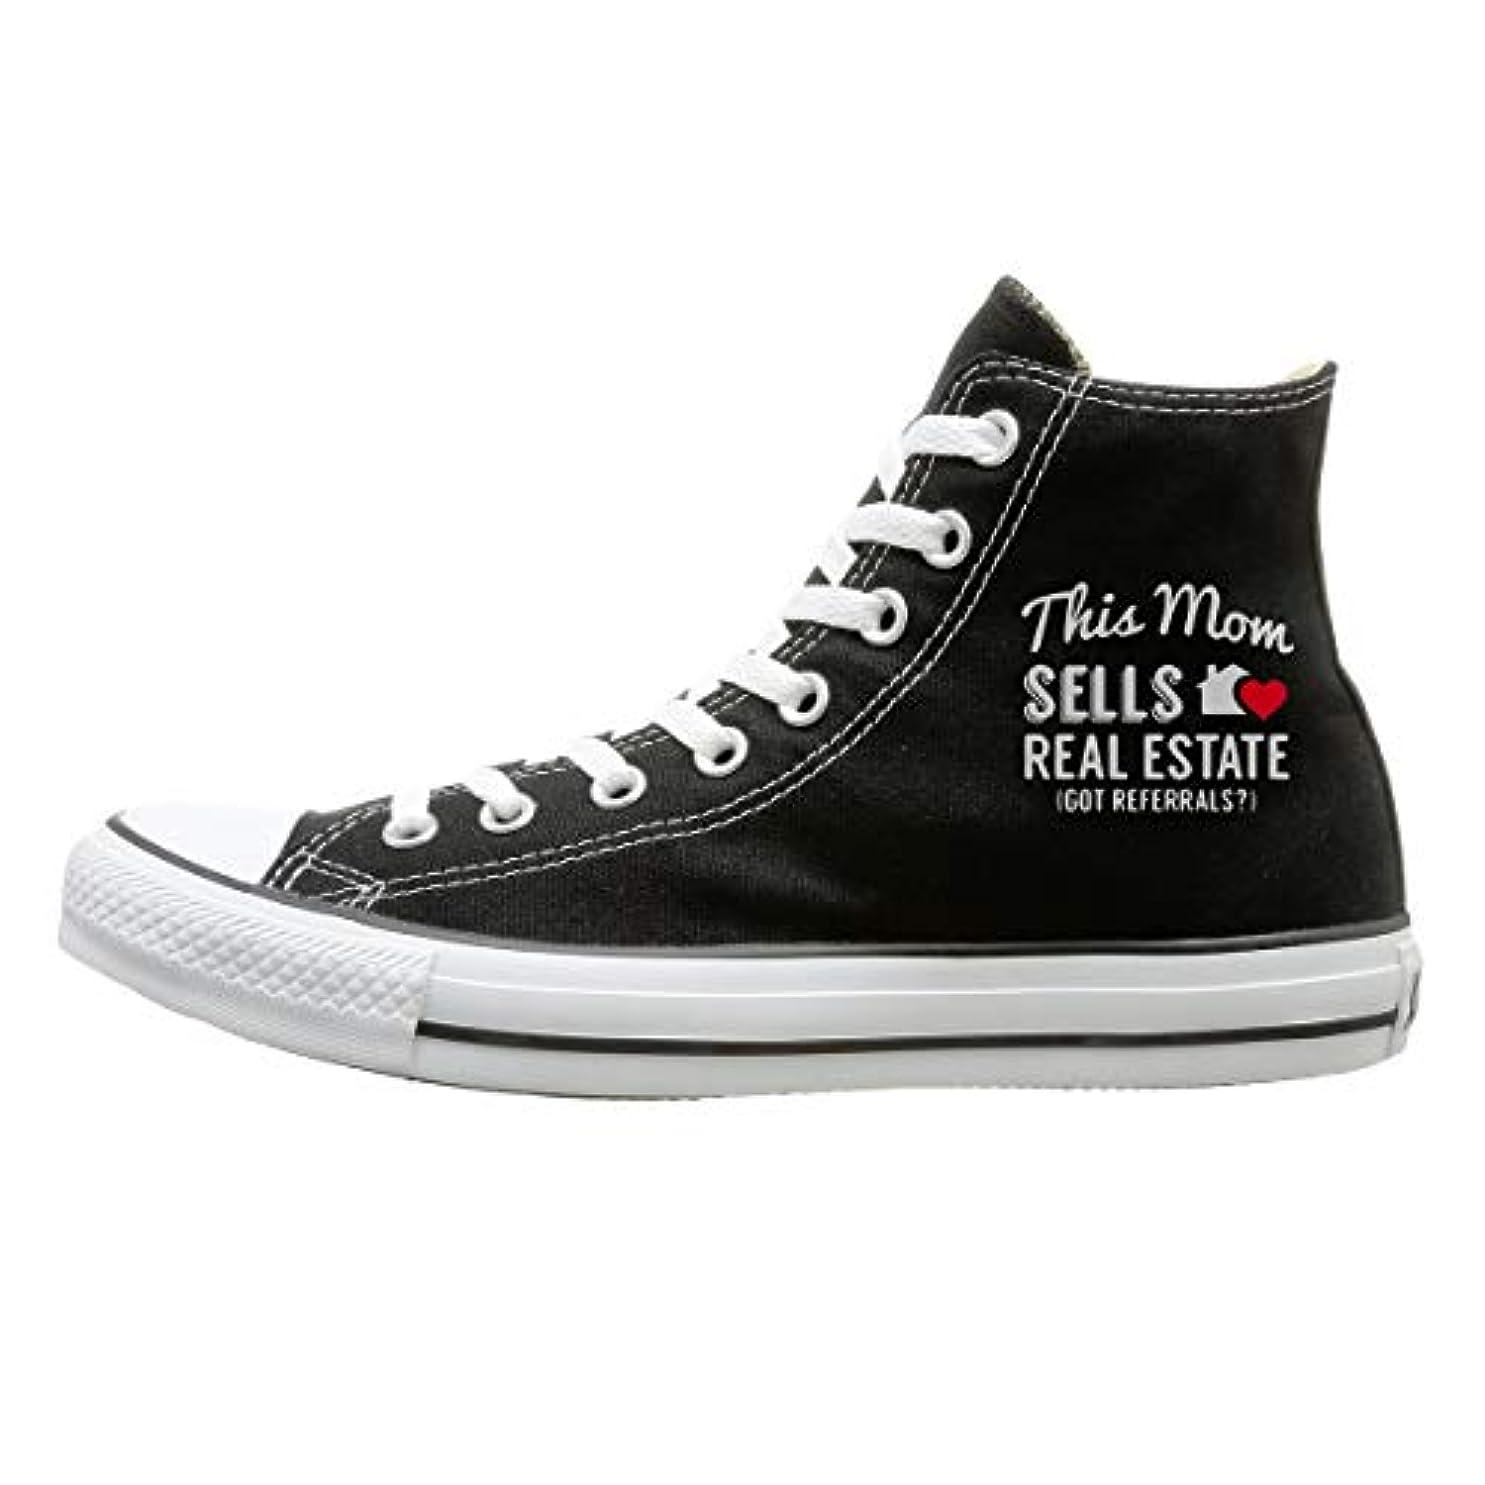 アクセルソケット糞[BHSTHB] このママは不動産を売る スニーカー キャンバス 帆布 靴シュ スケートボードシューズ ーズ ユニセックス